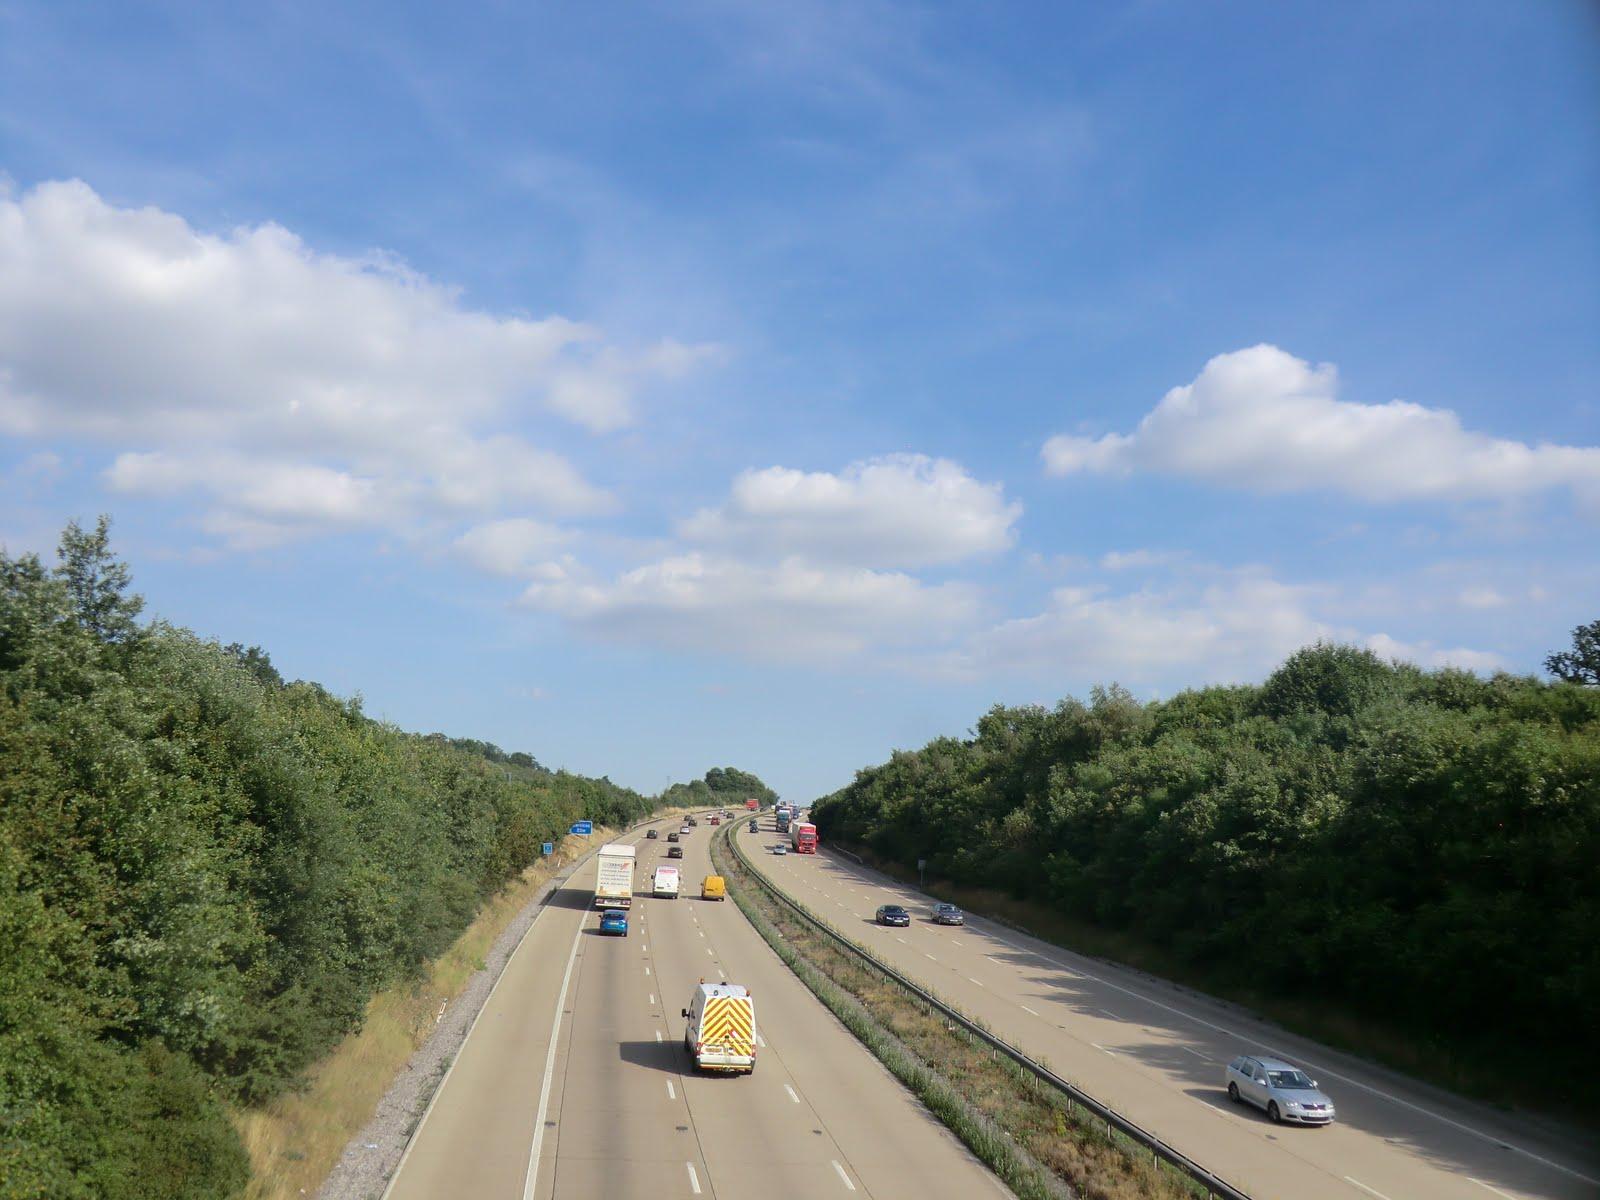 CIMG3011 Crossing the motorway